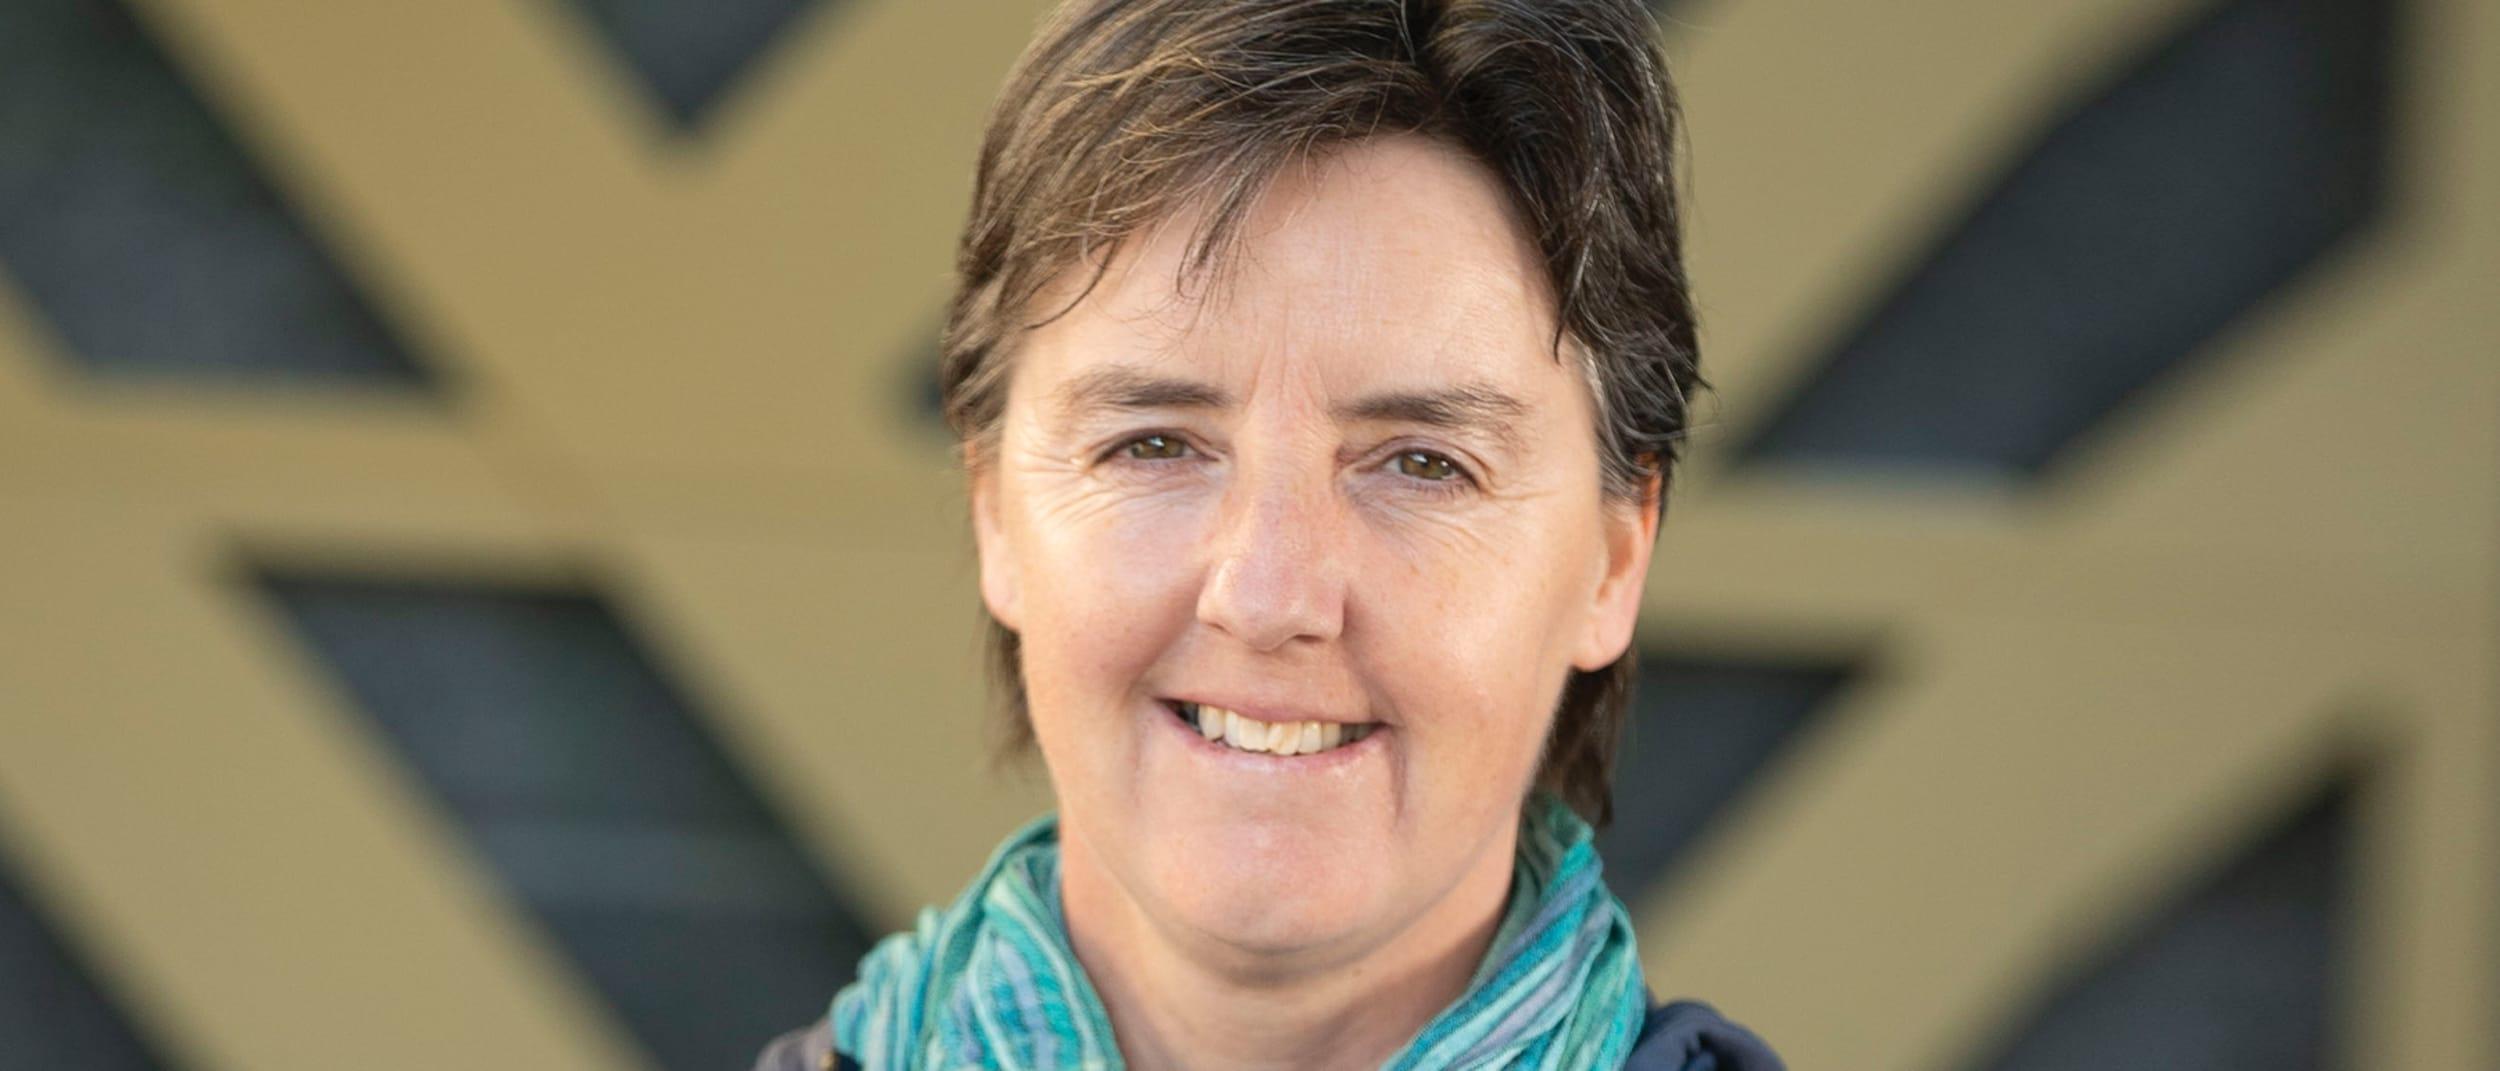 Arletta Van Den Bosch: Westfield Local Heroes 2019